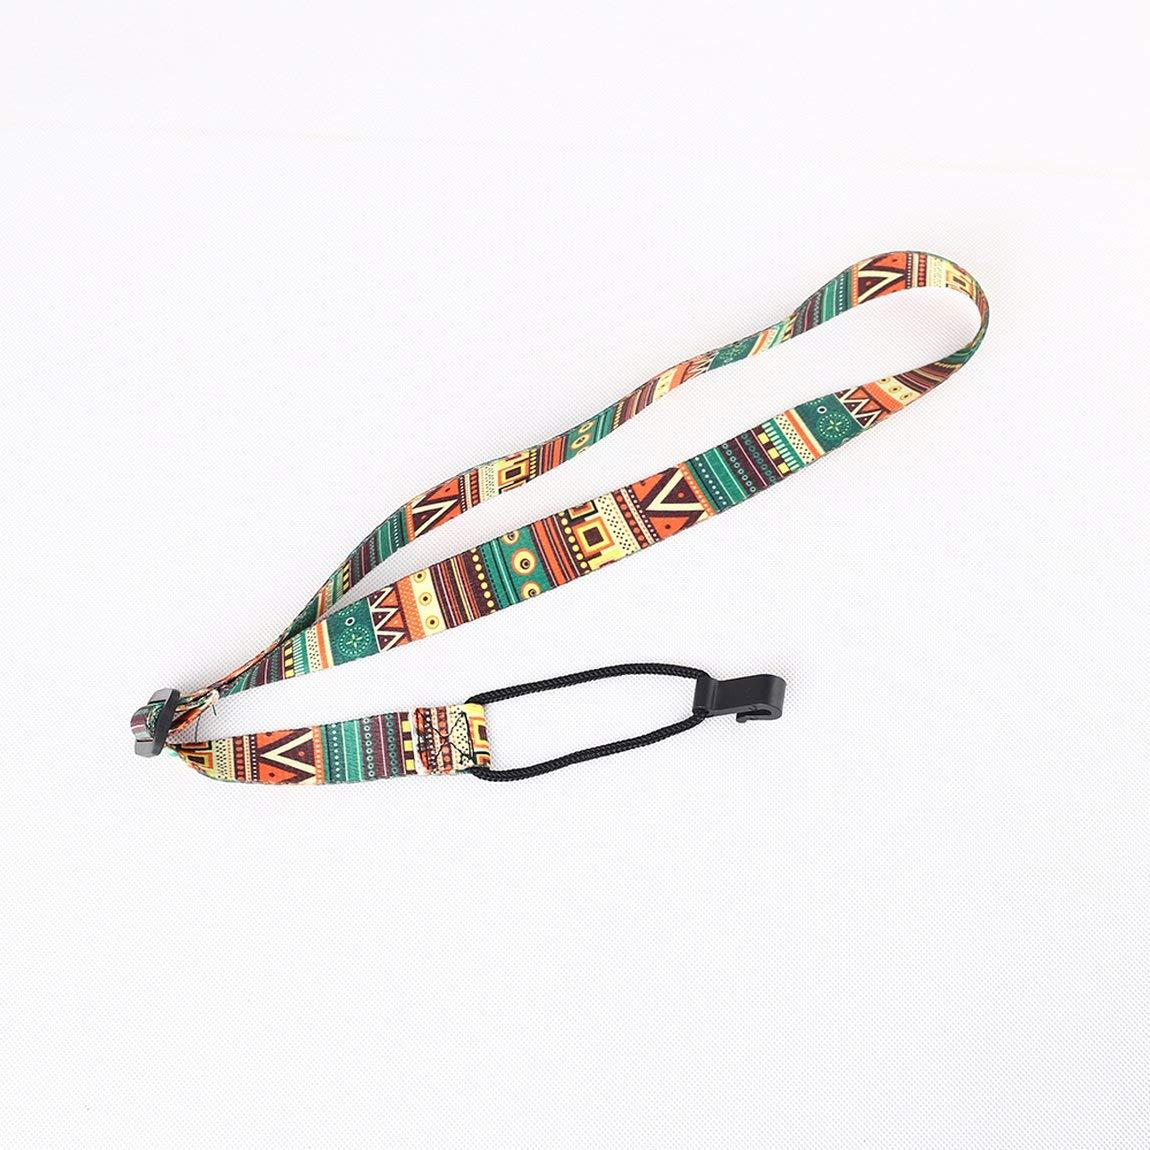 Correa de guitarra de estilo /étnico Correa de hombro de ukelele ajustable Cintur/ón de correa para el cuello y color: multicolor